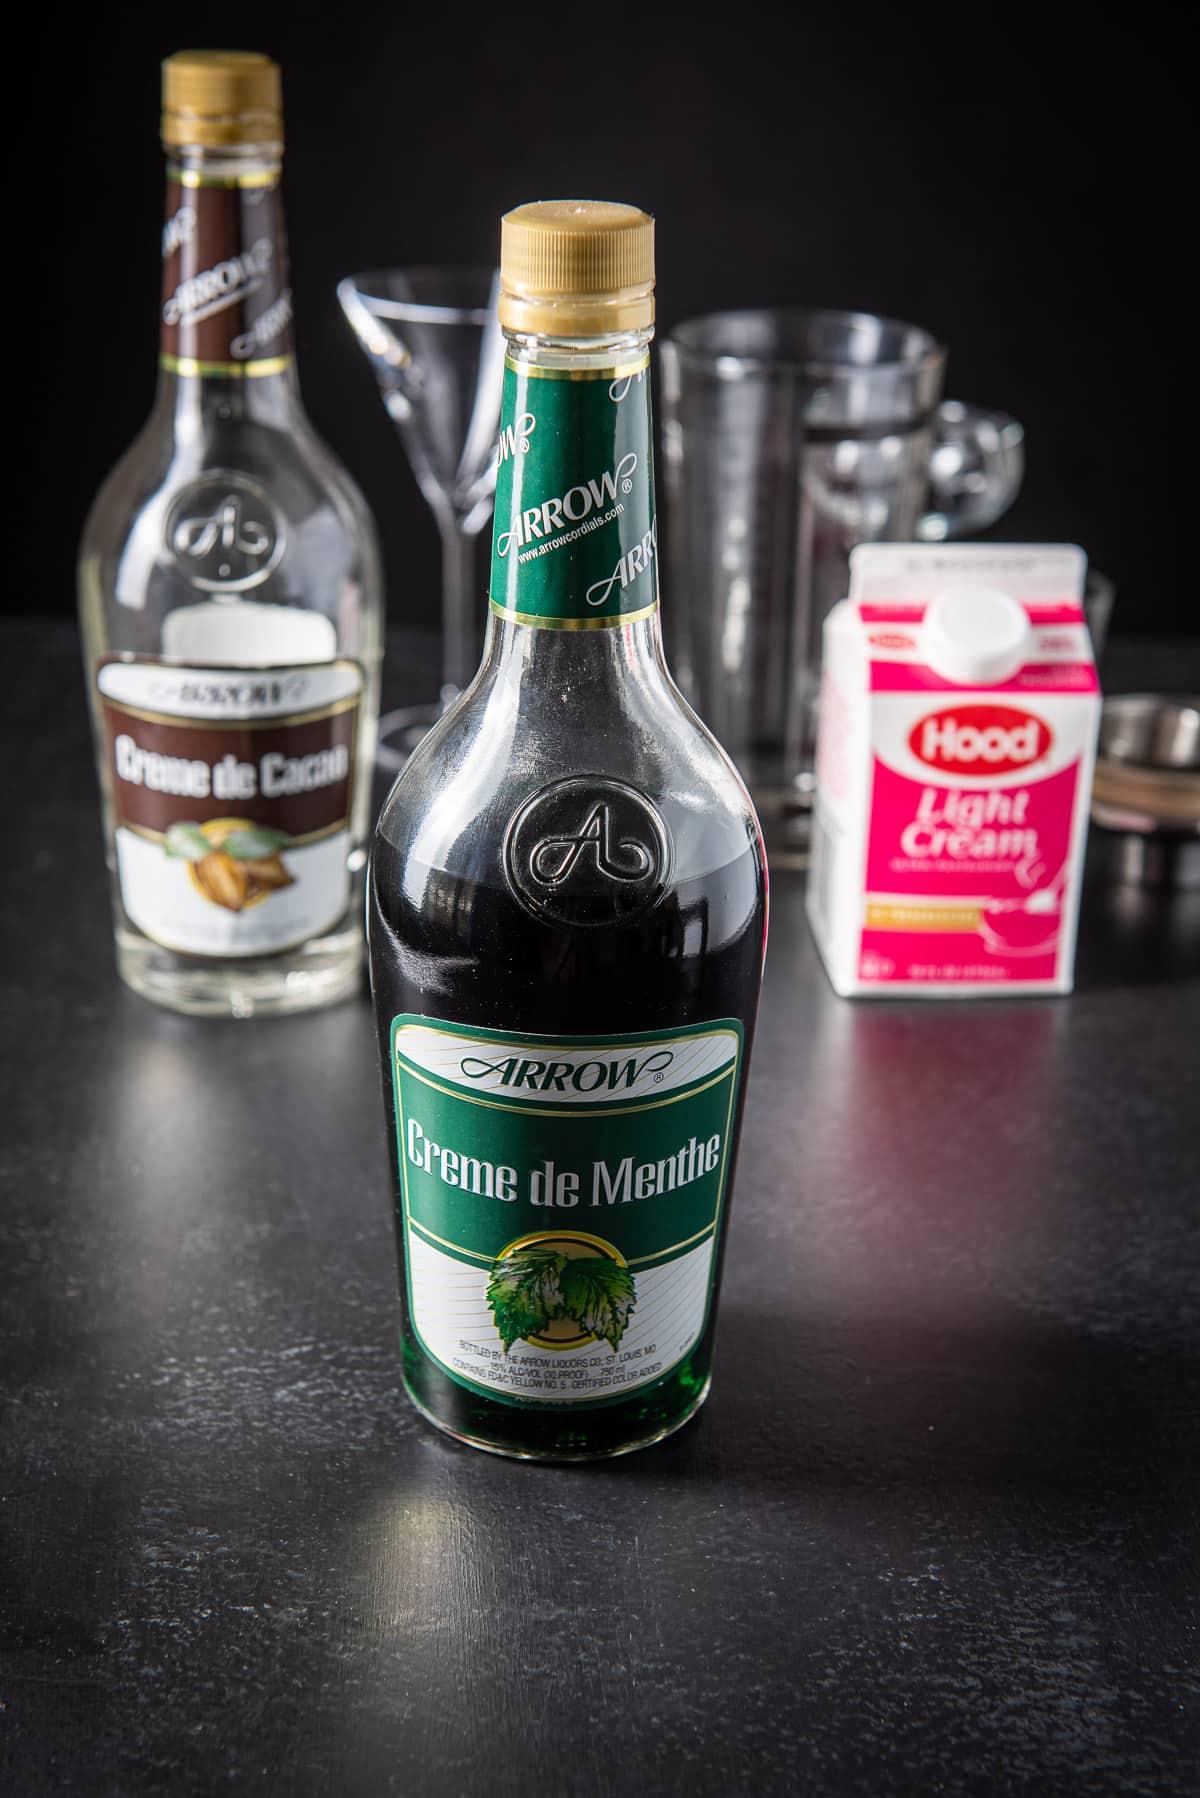 Green creme de menthe, creme de cacao and cream for the grasshopper cocktail